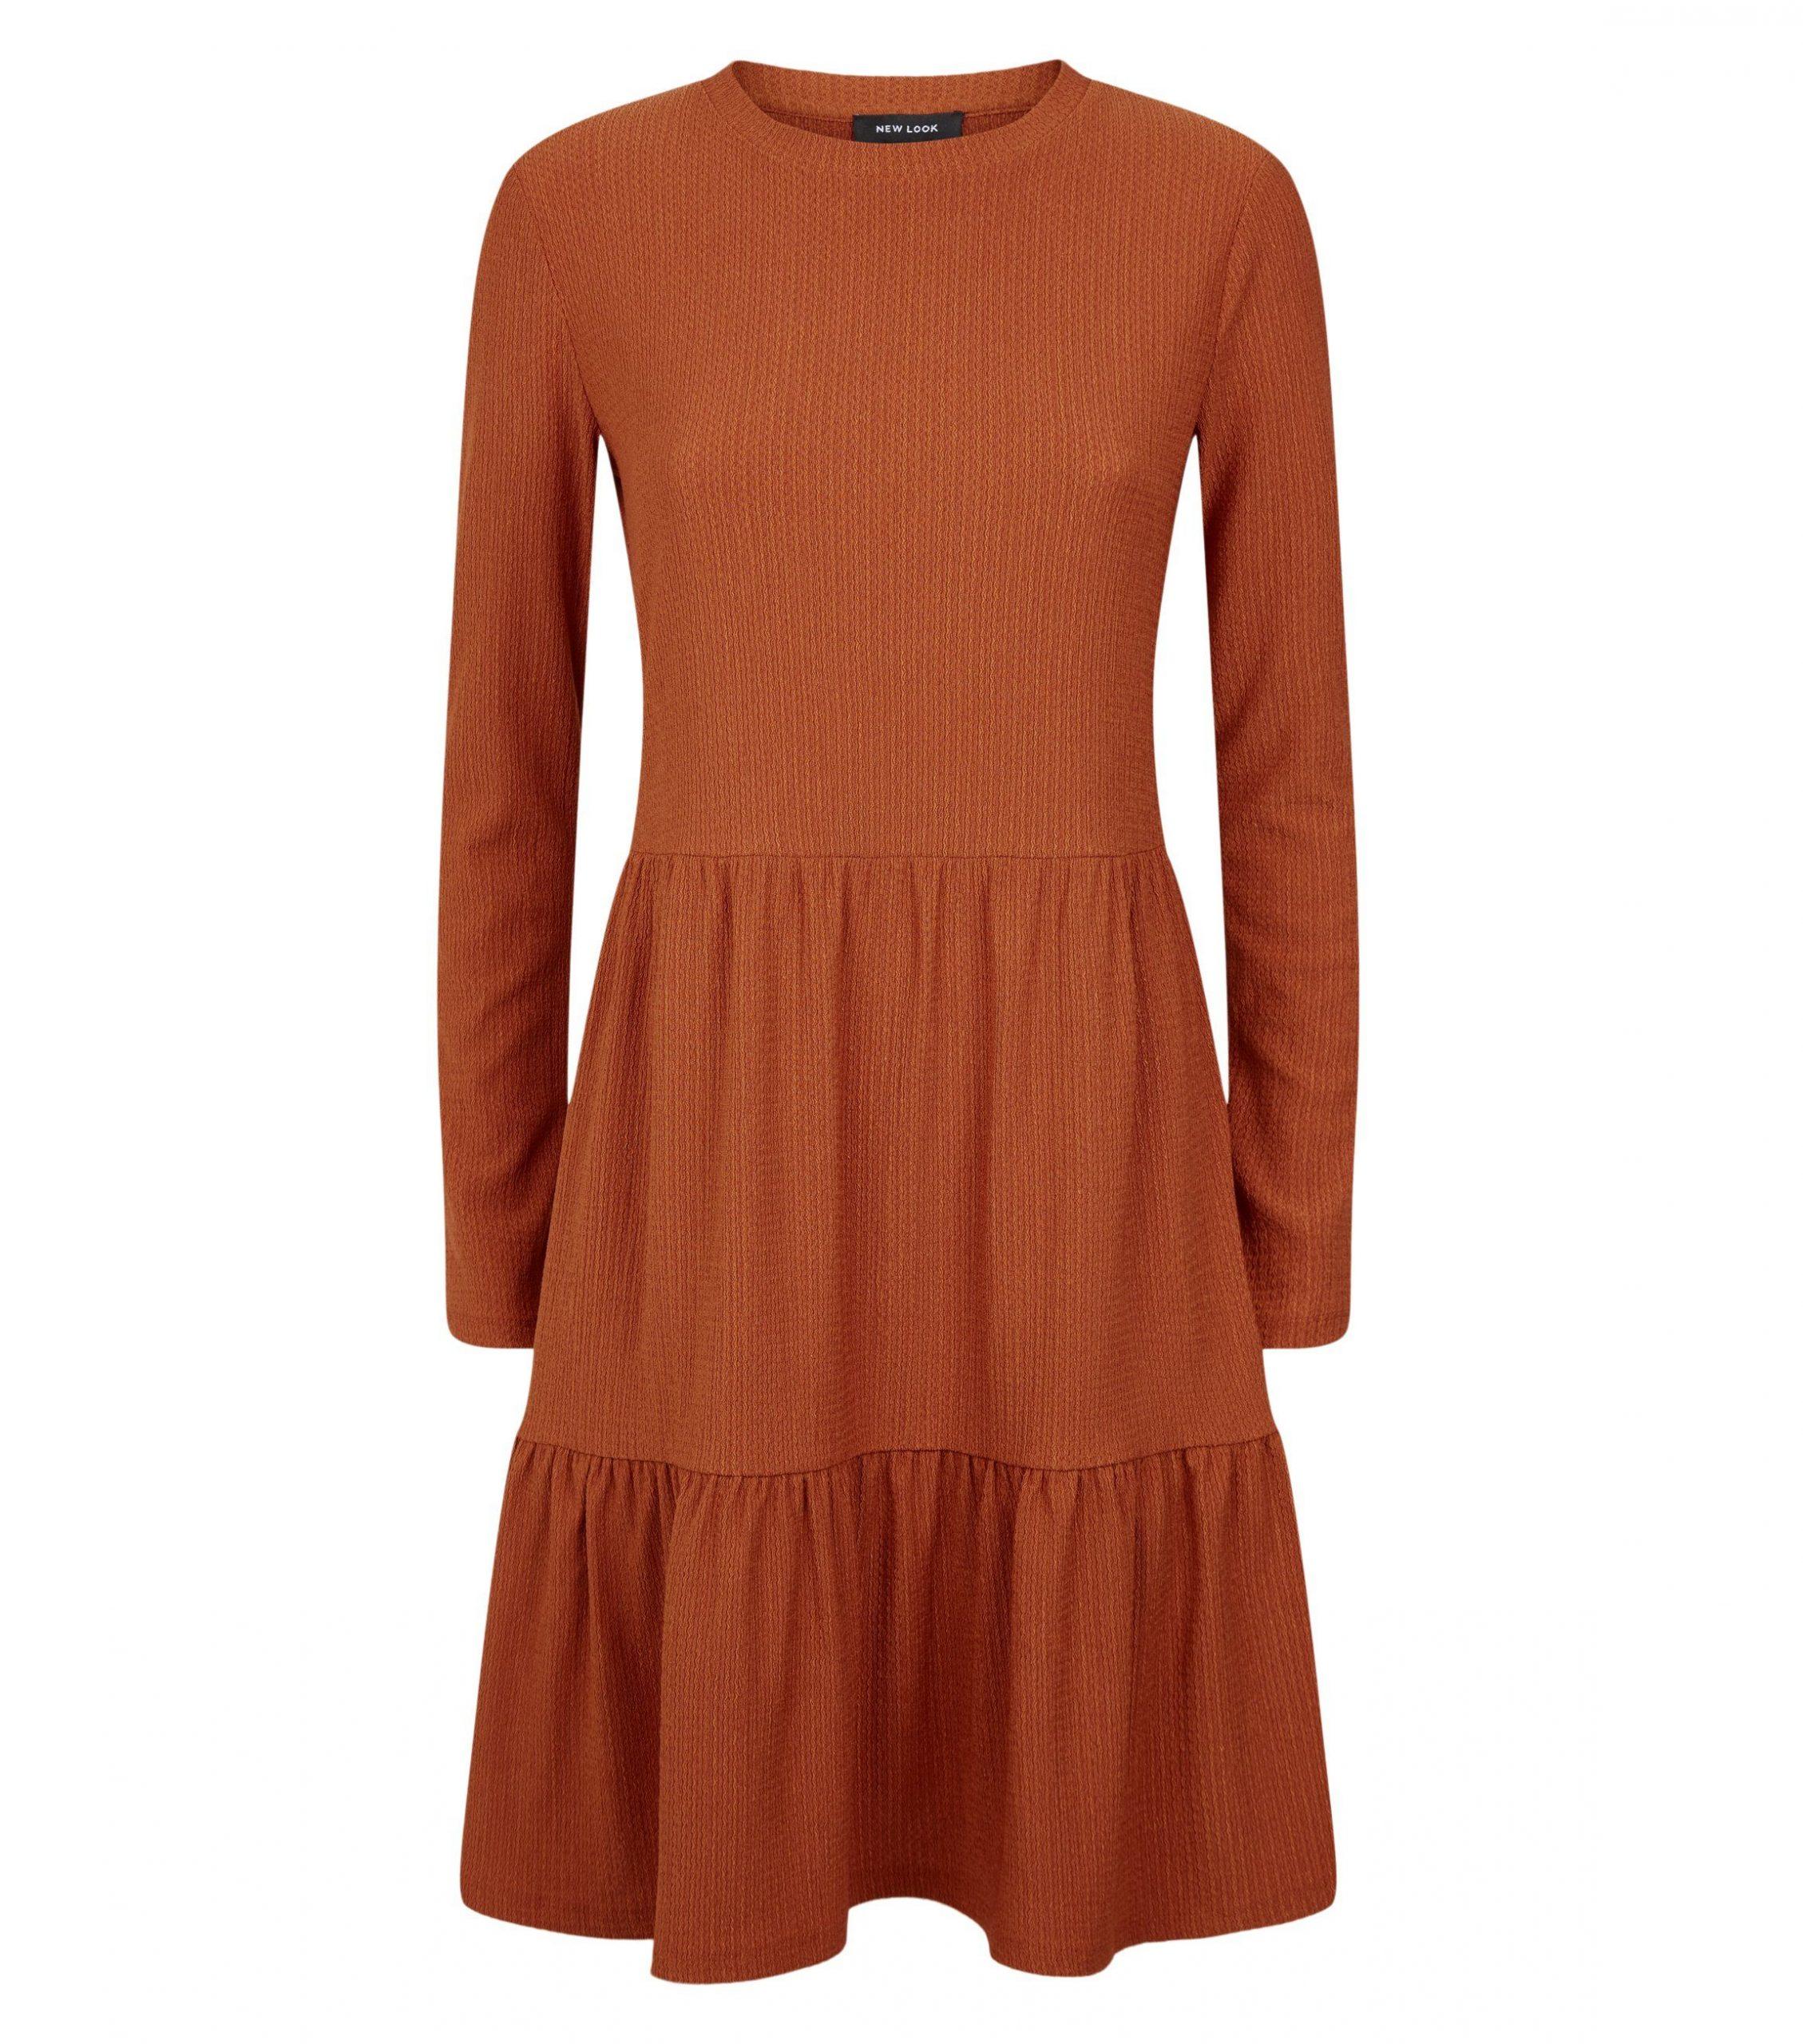 Robe Rouge Brique Style Smocke A Plusieurs Epaisseurs Et A Manches Longues Drest